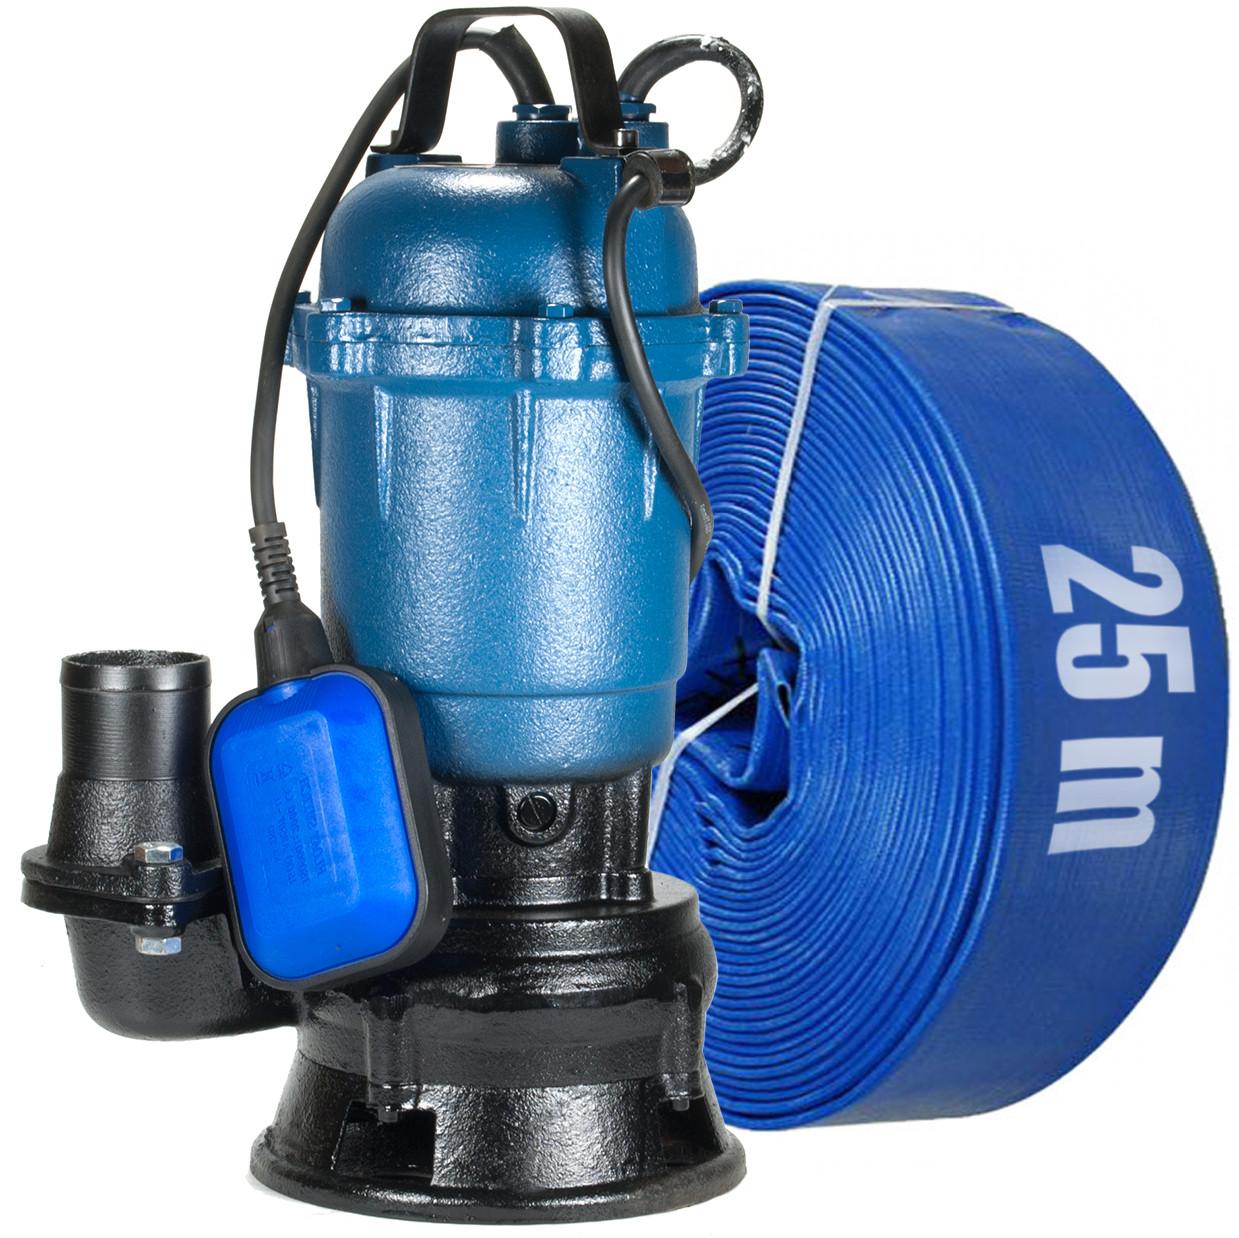 Фекальный насос с измельчителем + шланг 25м Lukon WQD чугунный корпус